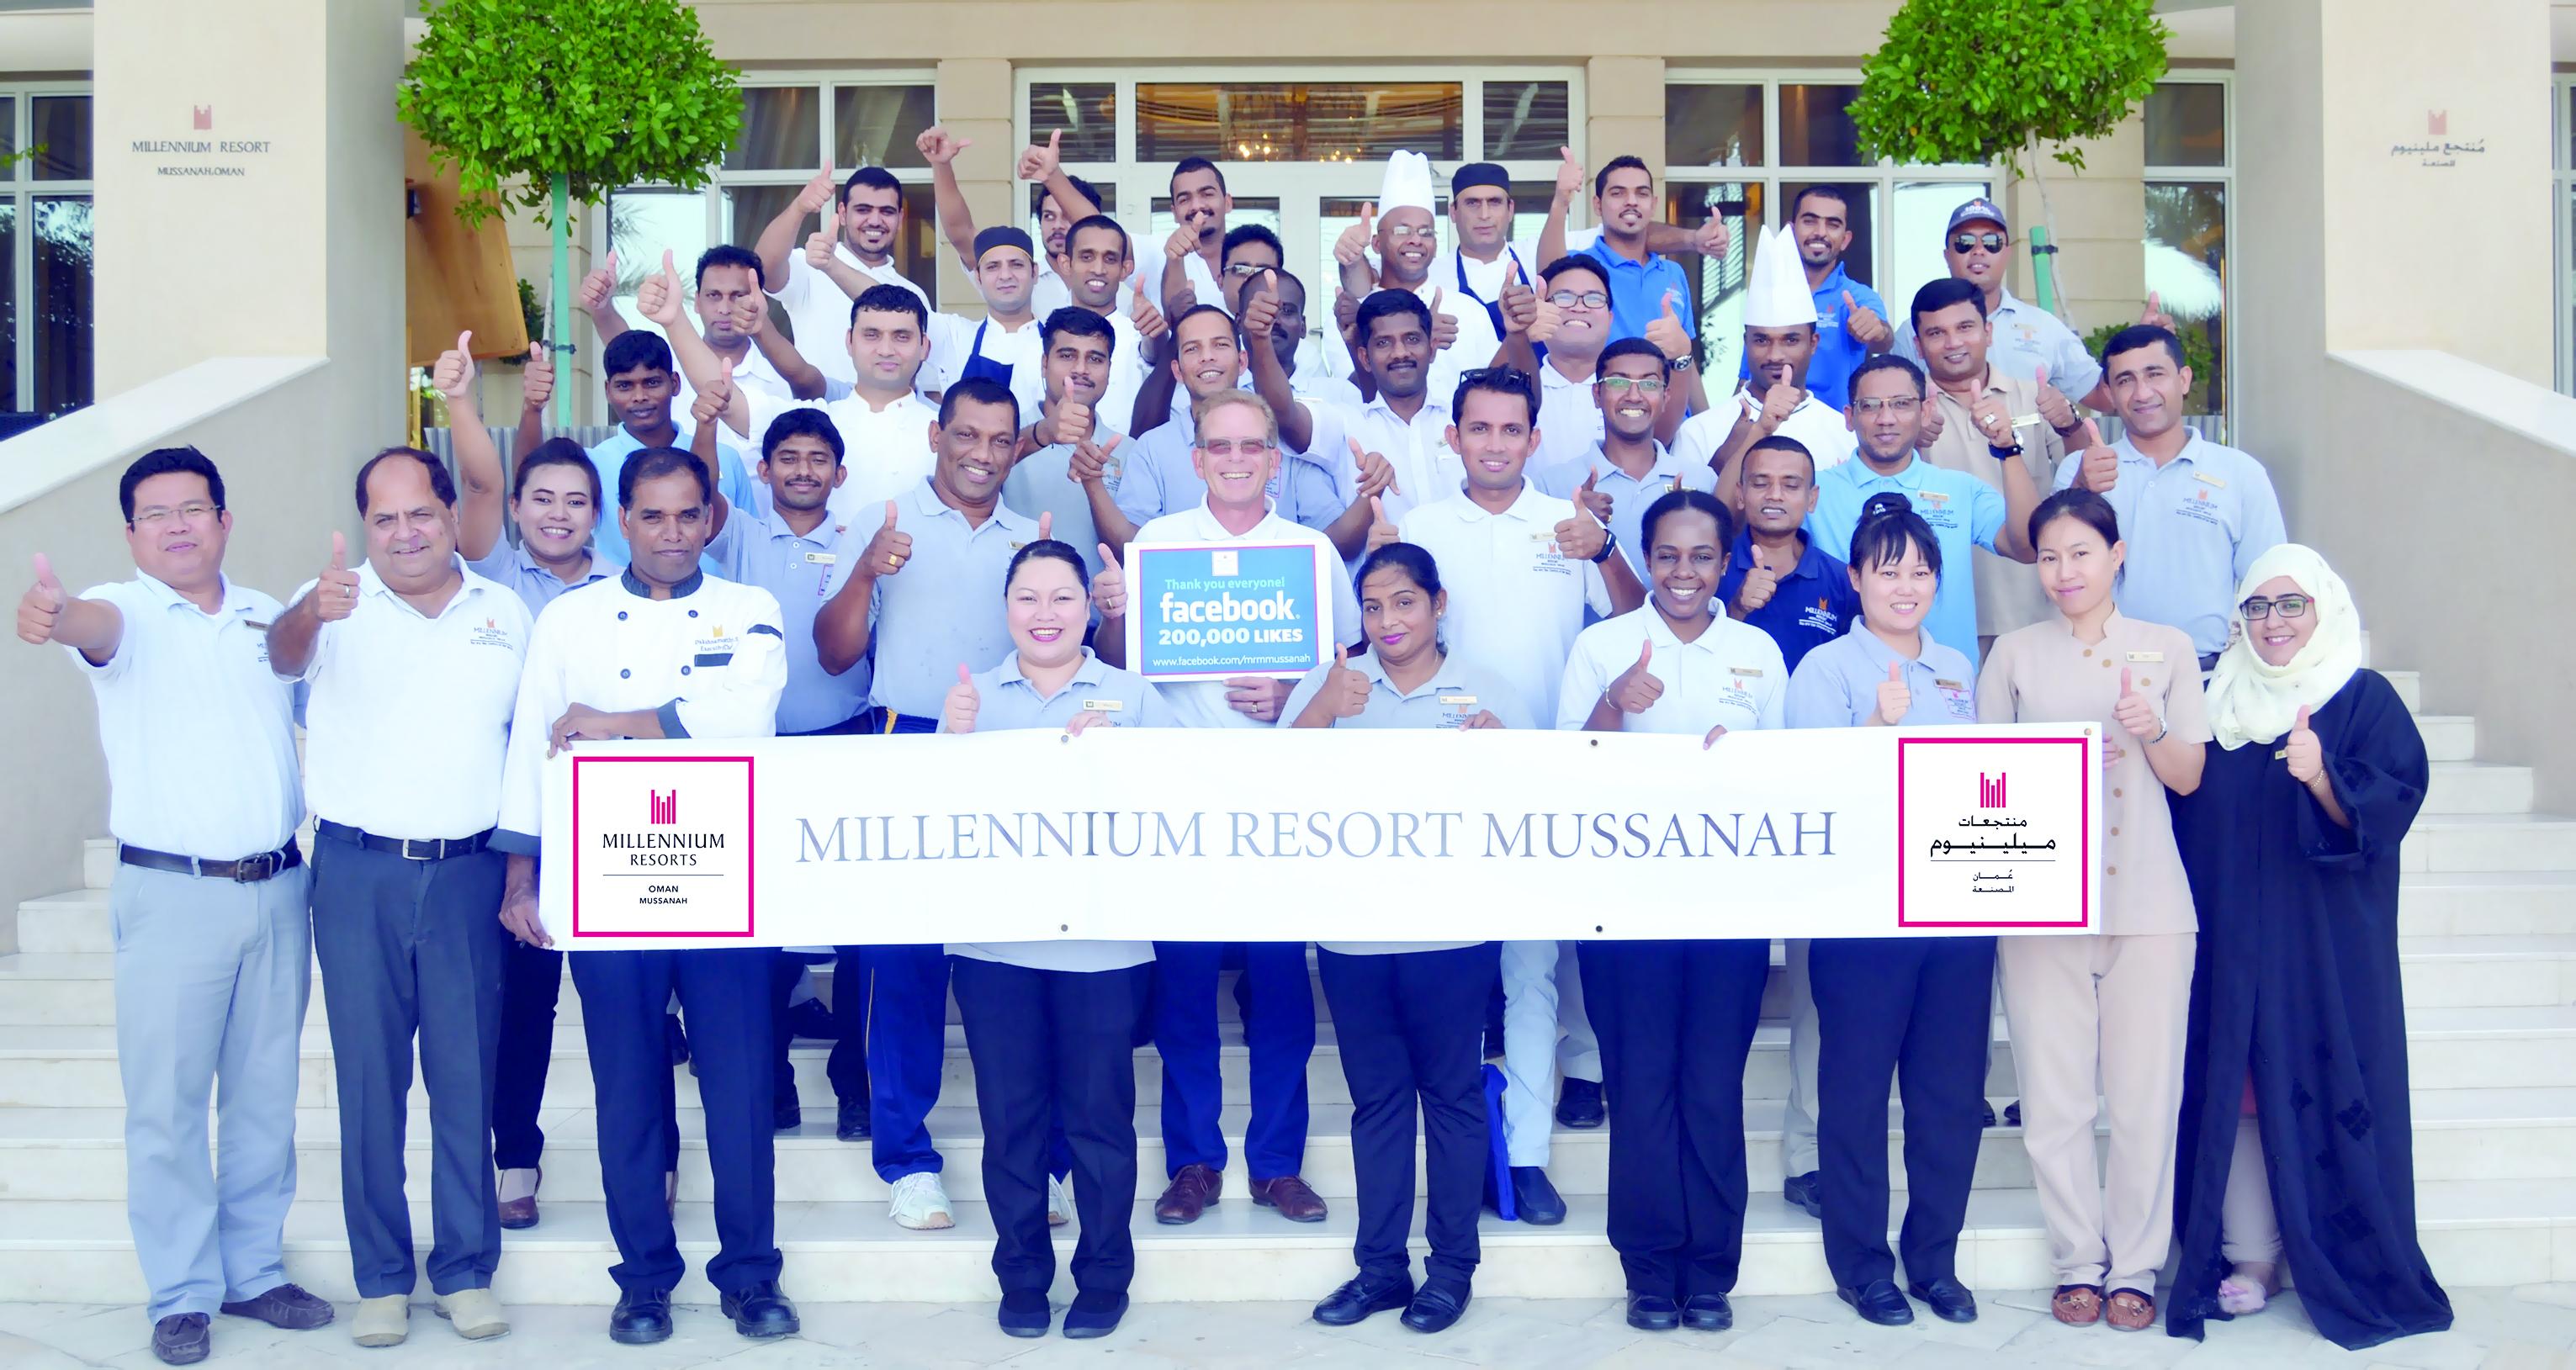 «ميلينيوم المصنعة» يحتفل بأكثر من 250 ألف معجب على فيسبوك